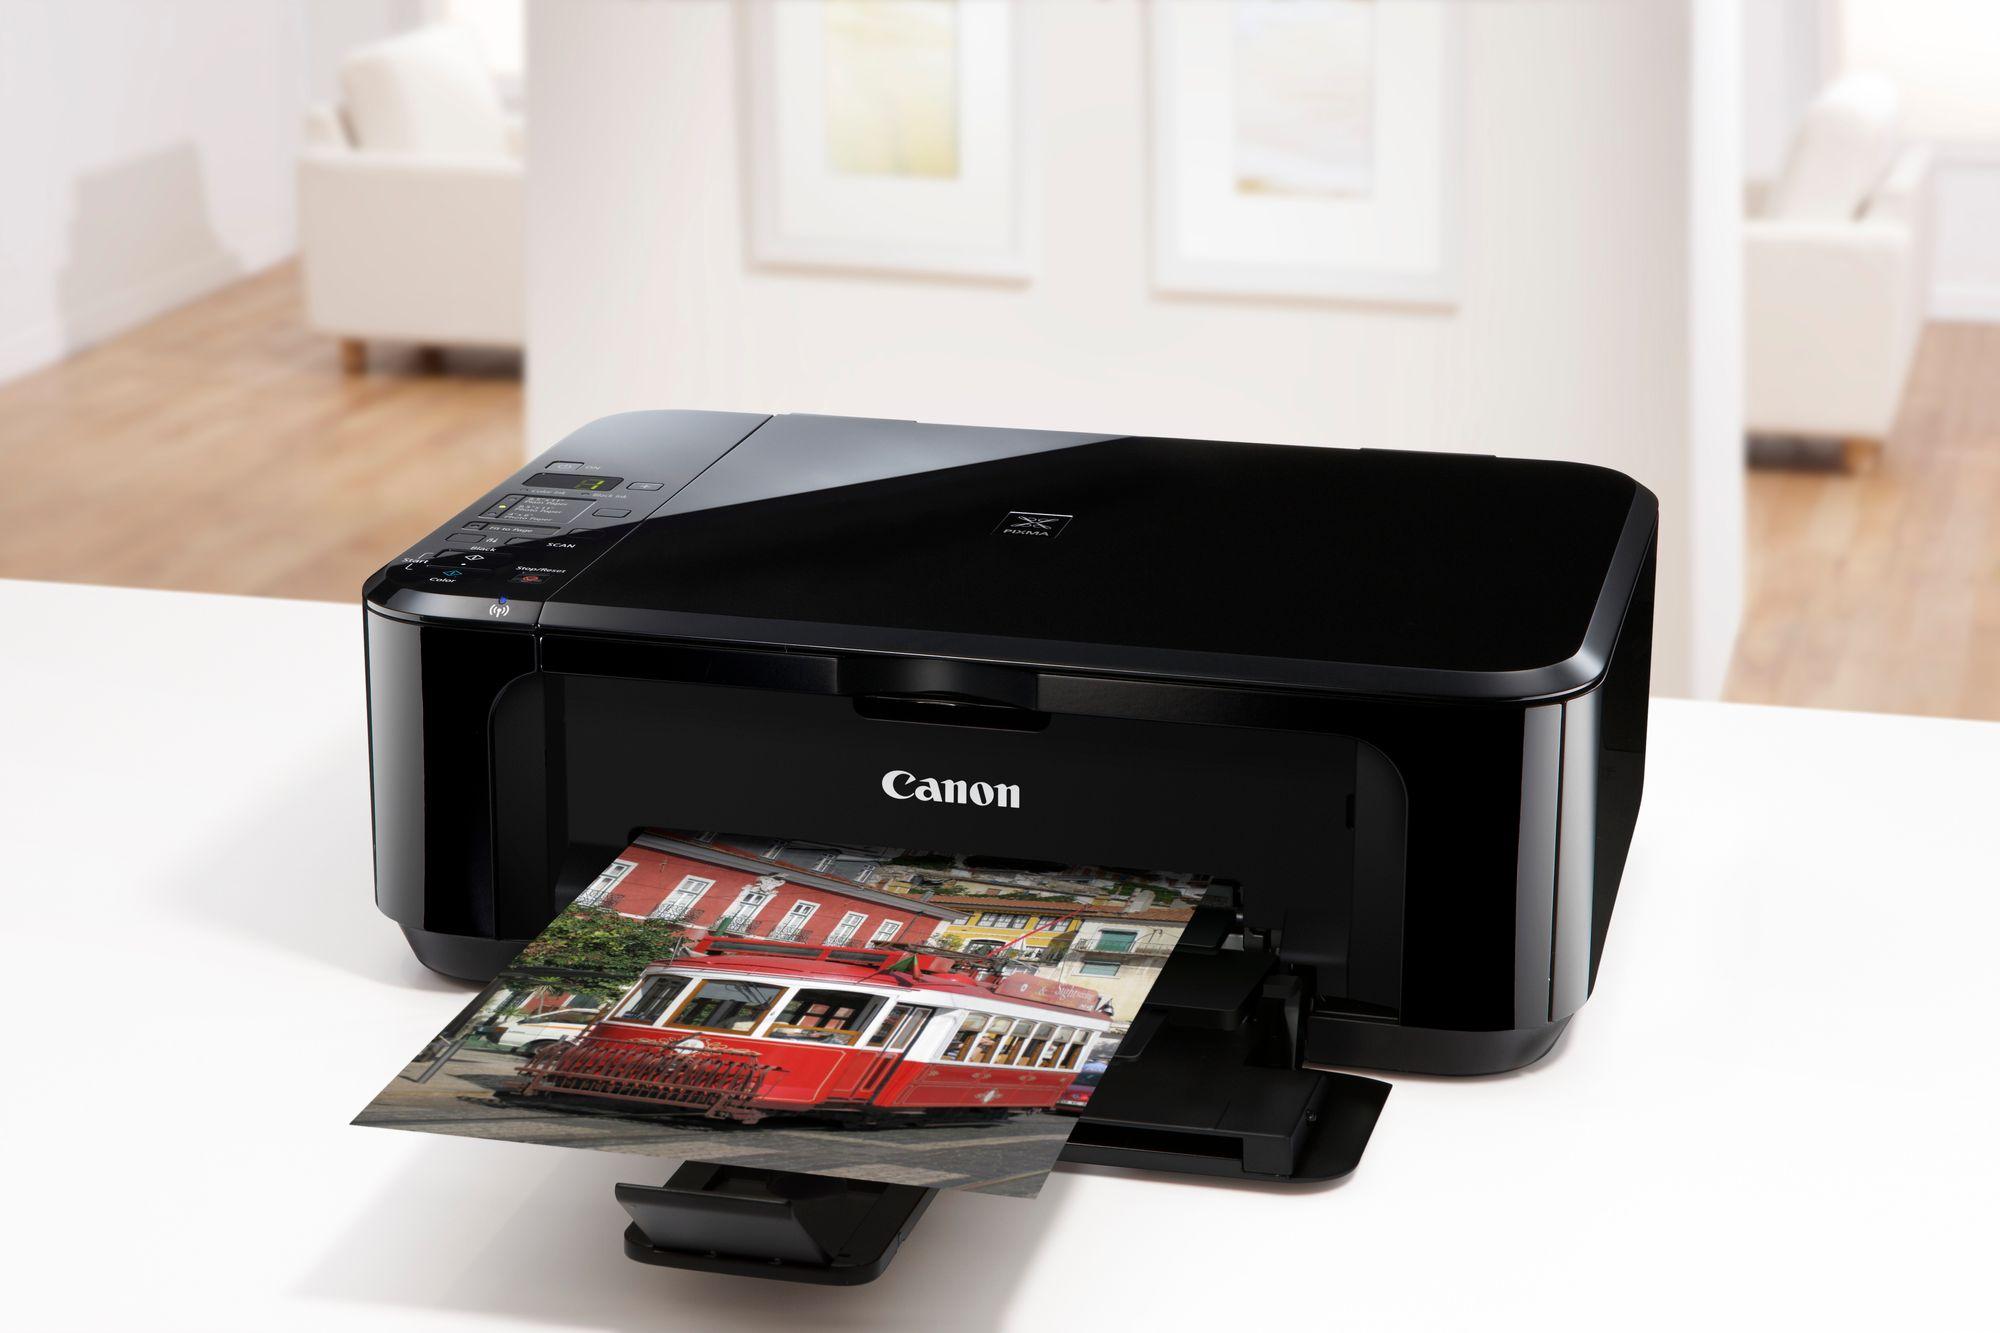 Canon Pixma får nye modellnumre